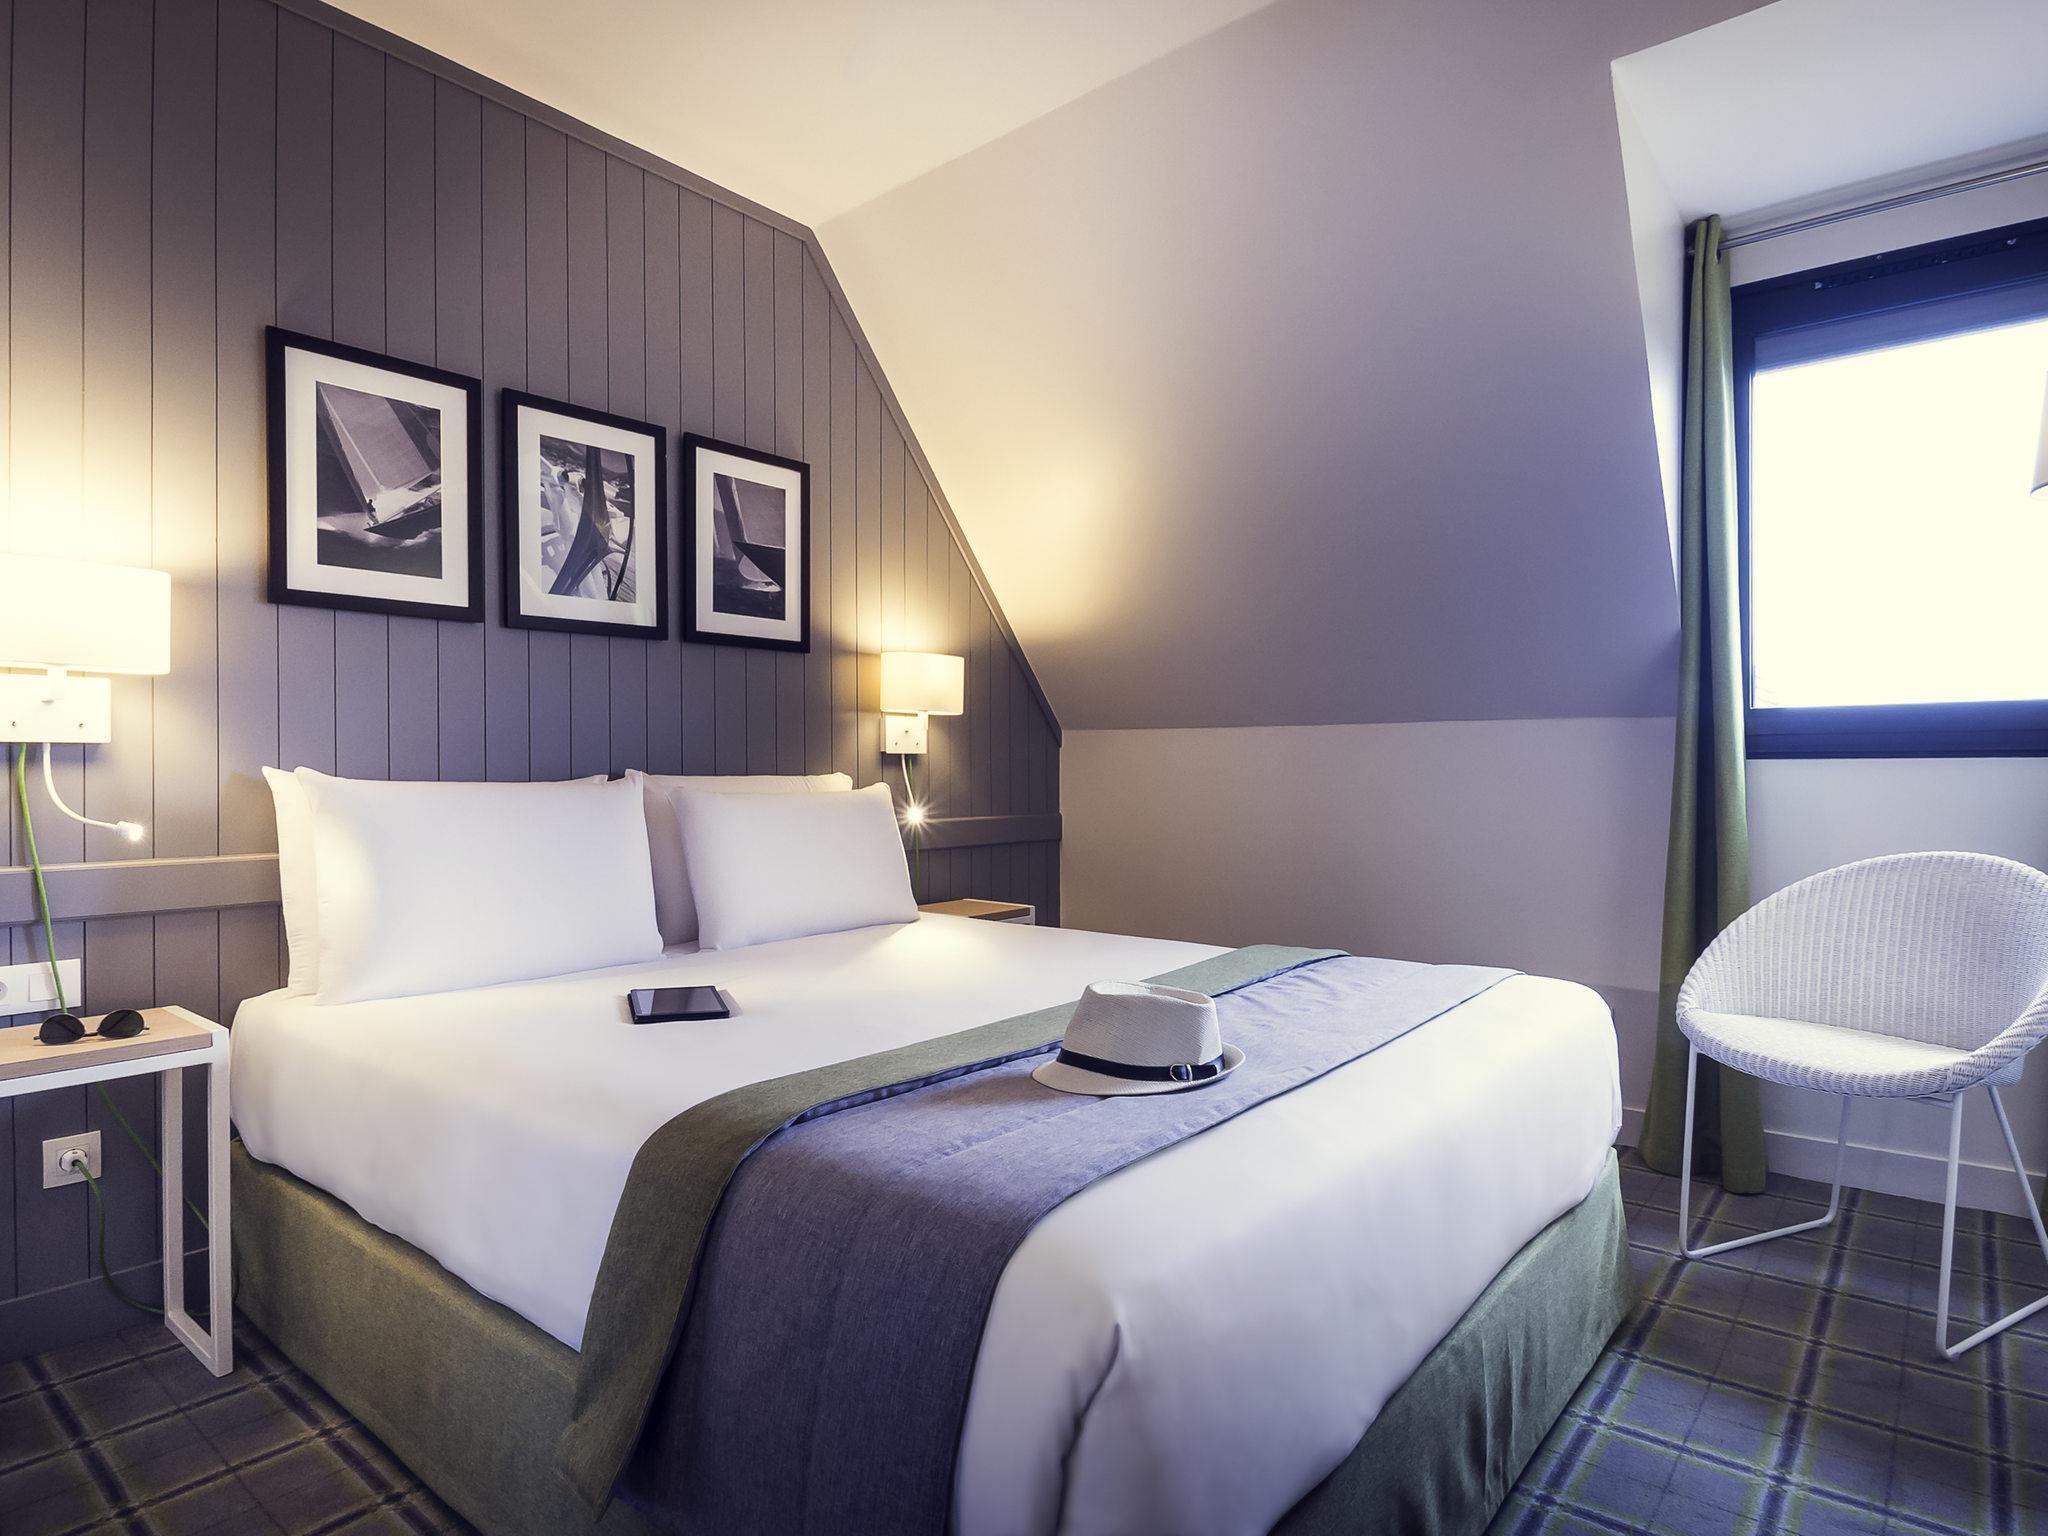 Hôtel - Hôtel Mercure Deauville Centre